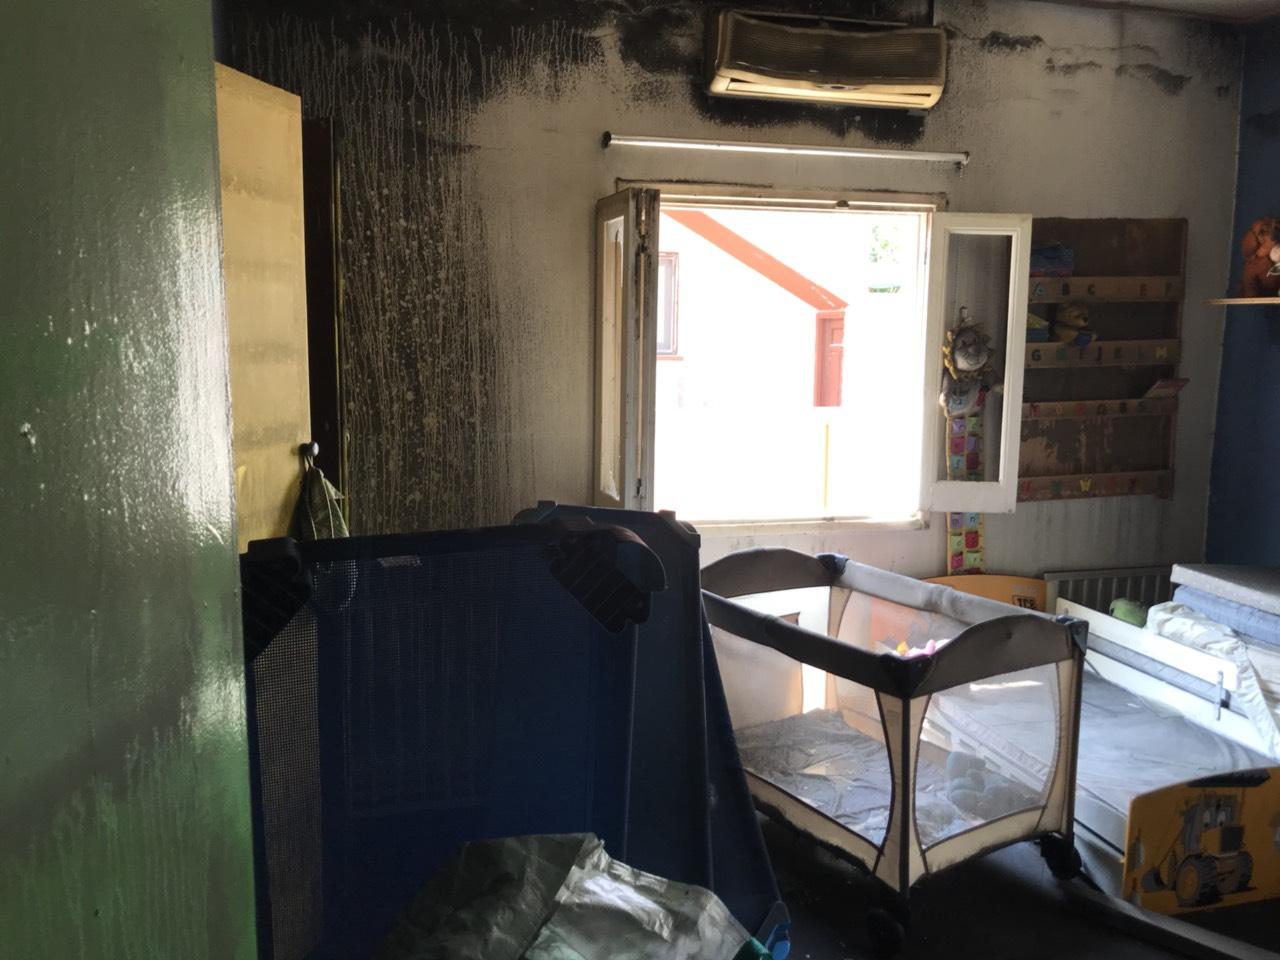 ΛΑΡΝΑΚΑ : Μεγάλες ζημιές στο νηπιαγωγείο που έγινε στόχος εμπρηστών